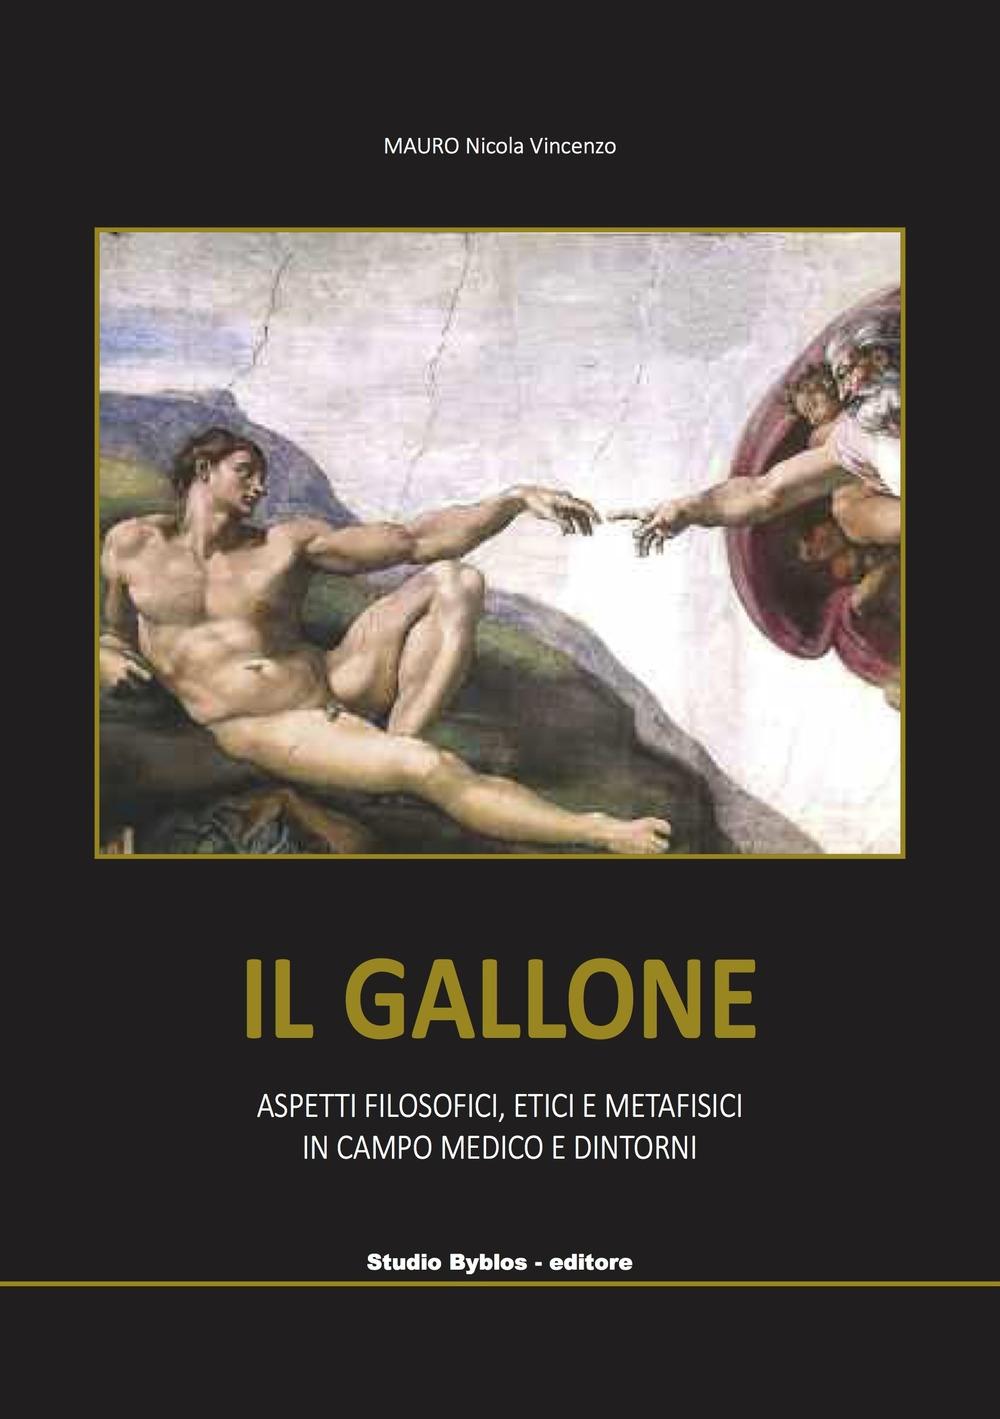 Il Gallone. Aspetti filosofici, etici e metafisici in campo medico e dintorni